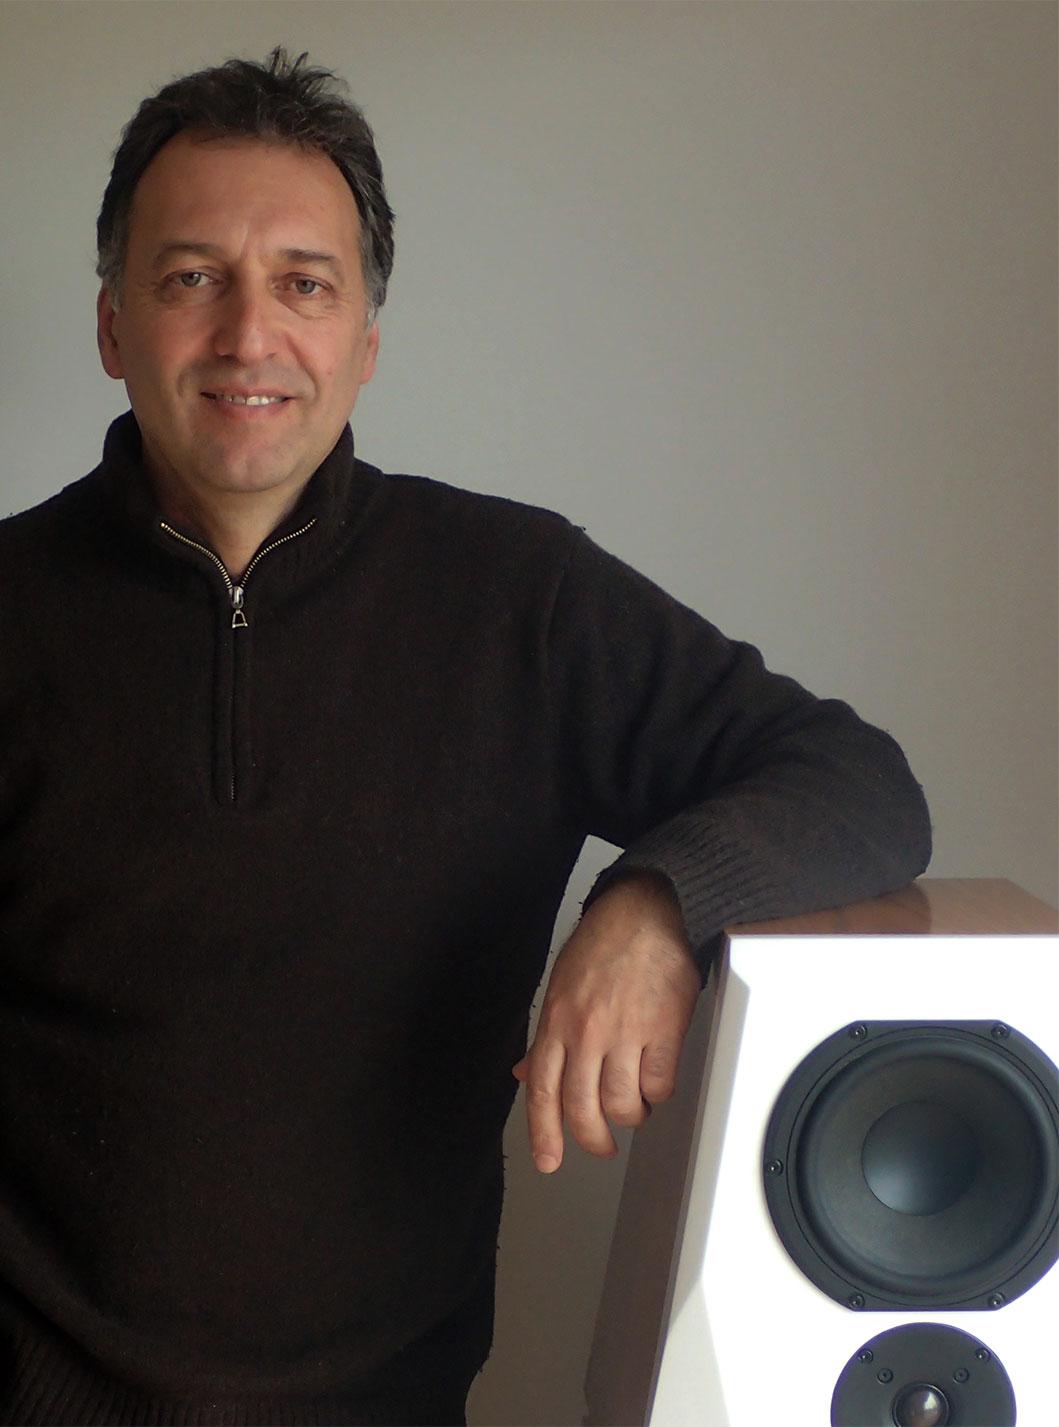 Nicolas Hulgich